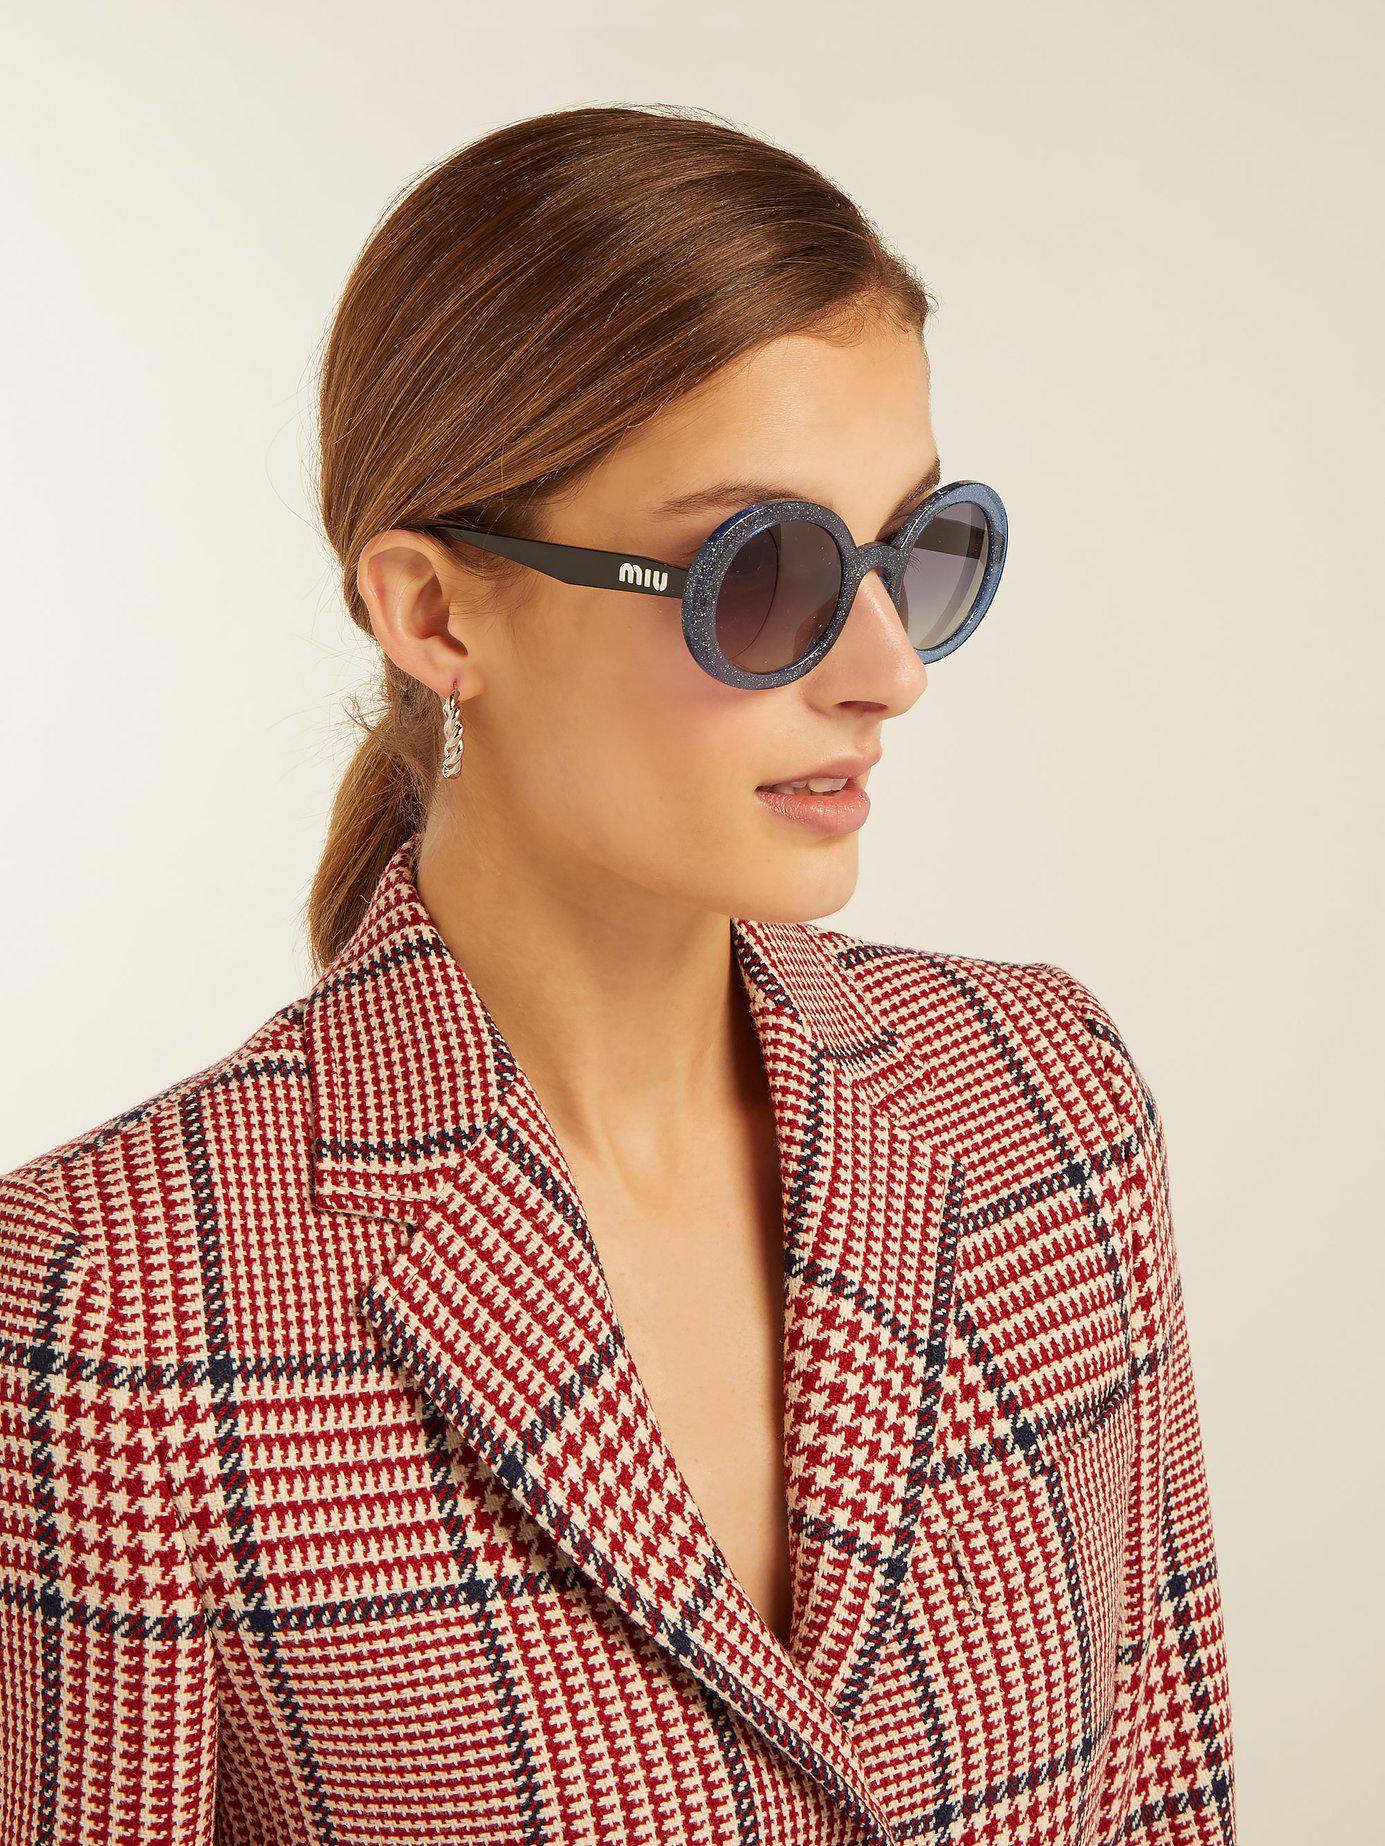 212b745f4667 Miu Miu Oversized Glitter Acetate Round Sunglasses in Blue - Lyst